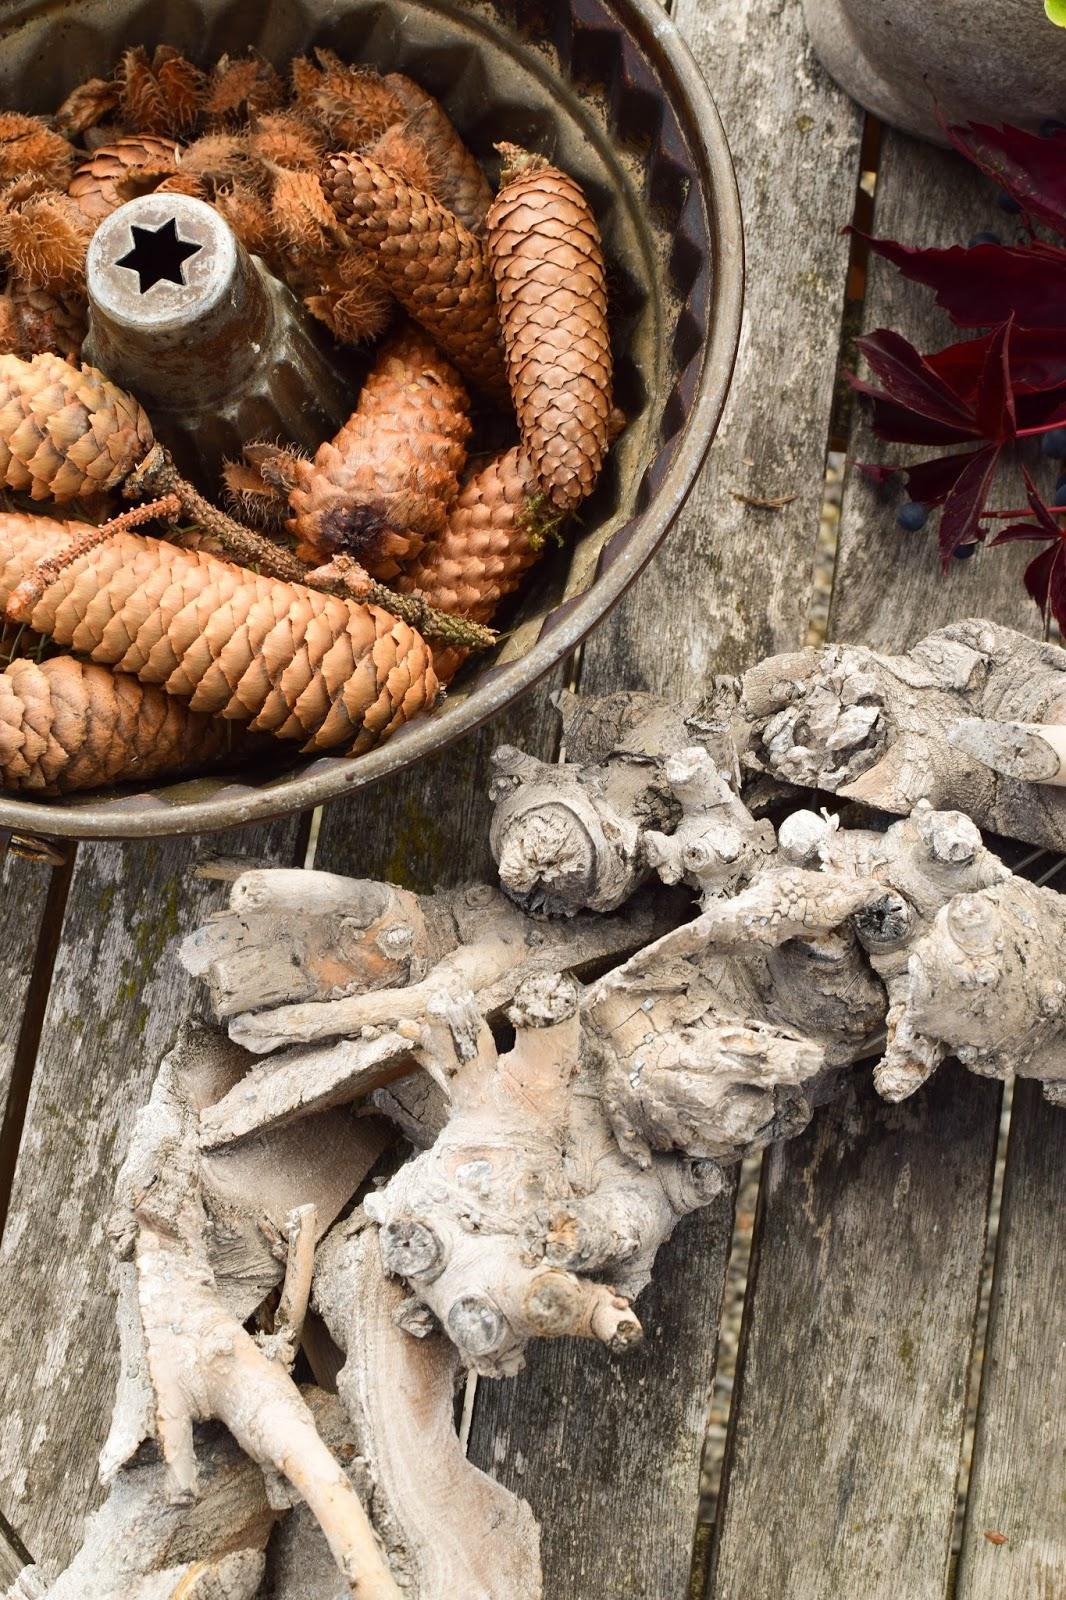 3 Ideen für DIY Kränze für den Herbst: selbermachen Holzkranz Naturdeko Lampionblume Moos Astern Eichenlaub